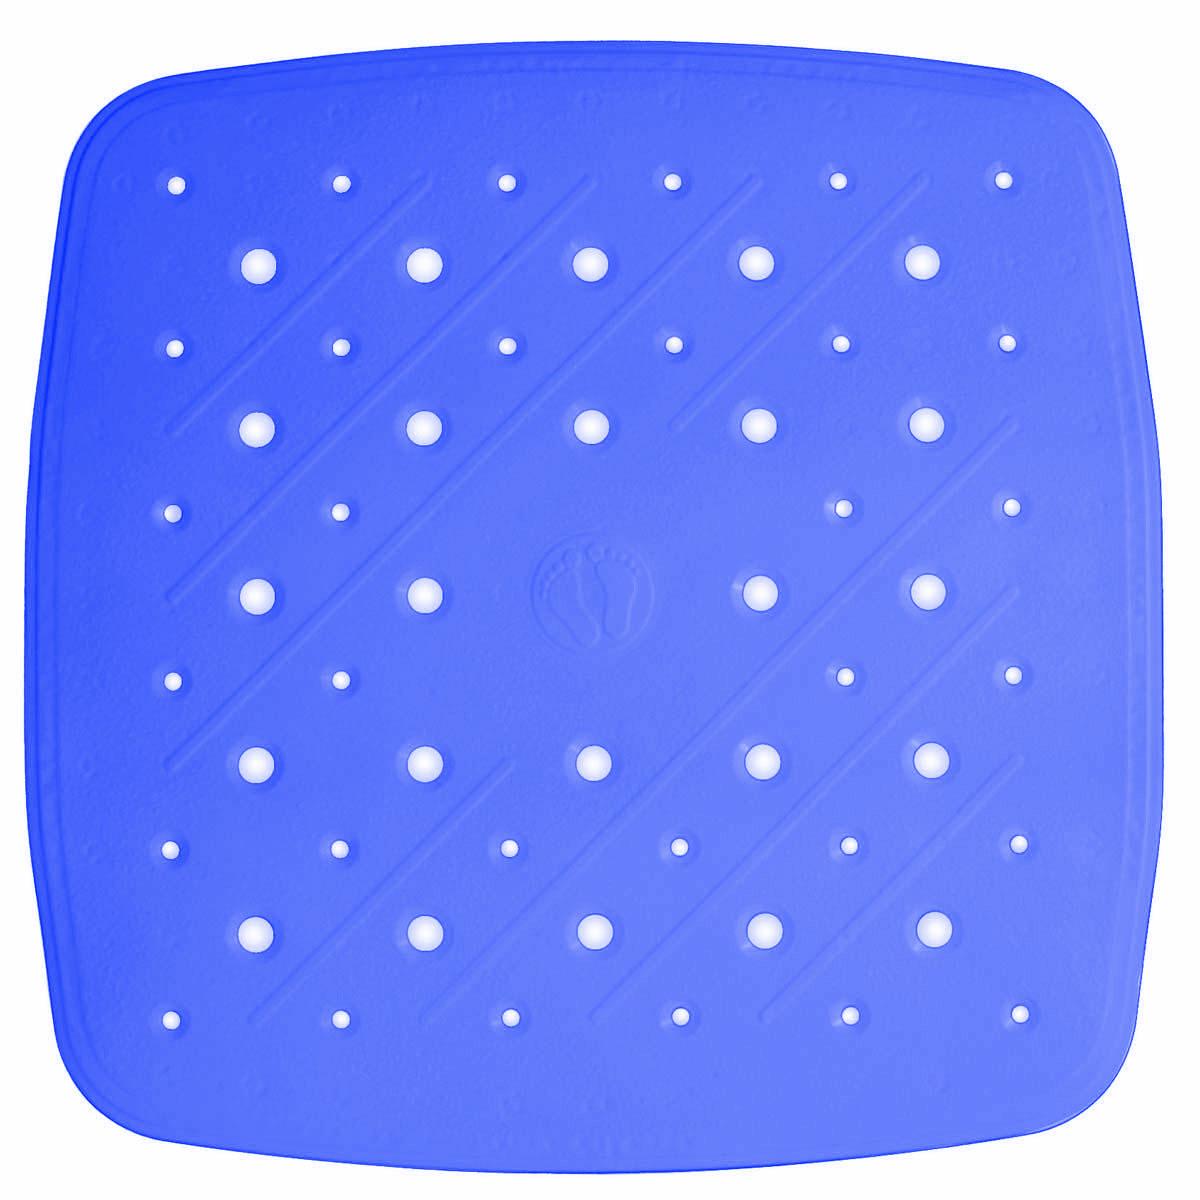 Коврик для ванной Ridder Promo, противоскользящий, на присосках, цвет: синий, 51 х 51 см68/5/3Высококачественный немецкий коврик Ridder Promo создан для вашего удобства.Состав и свойства противоскользящего коврика: - синтетический каучук и ПВХ с защитой от плесени и грибка; - имеются присоски для крепления. Безопасность изделия соответствует стандартам LGA (Германия).